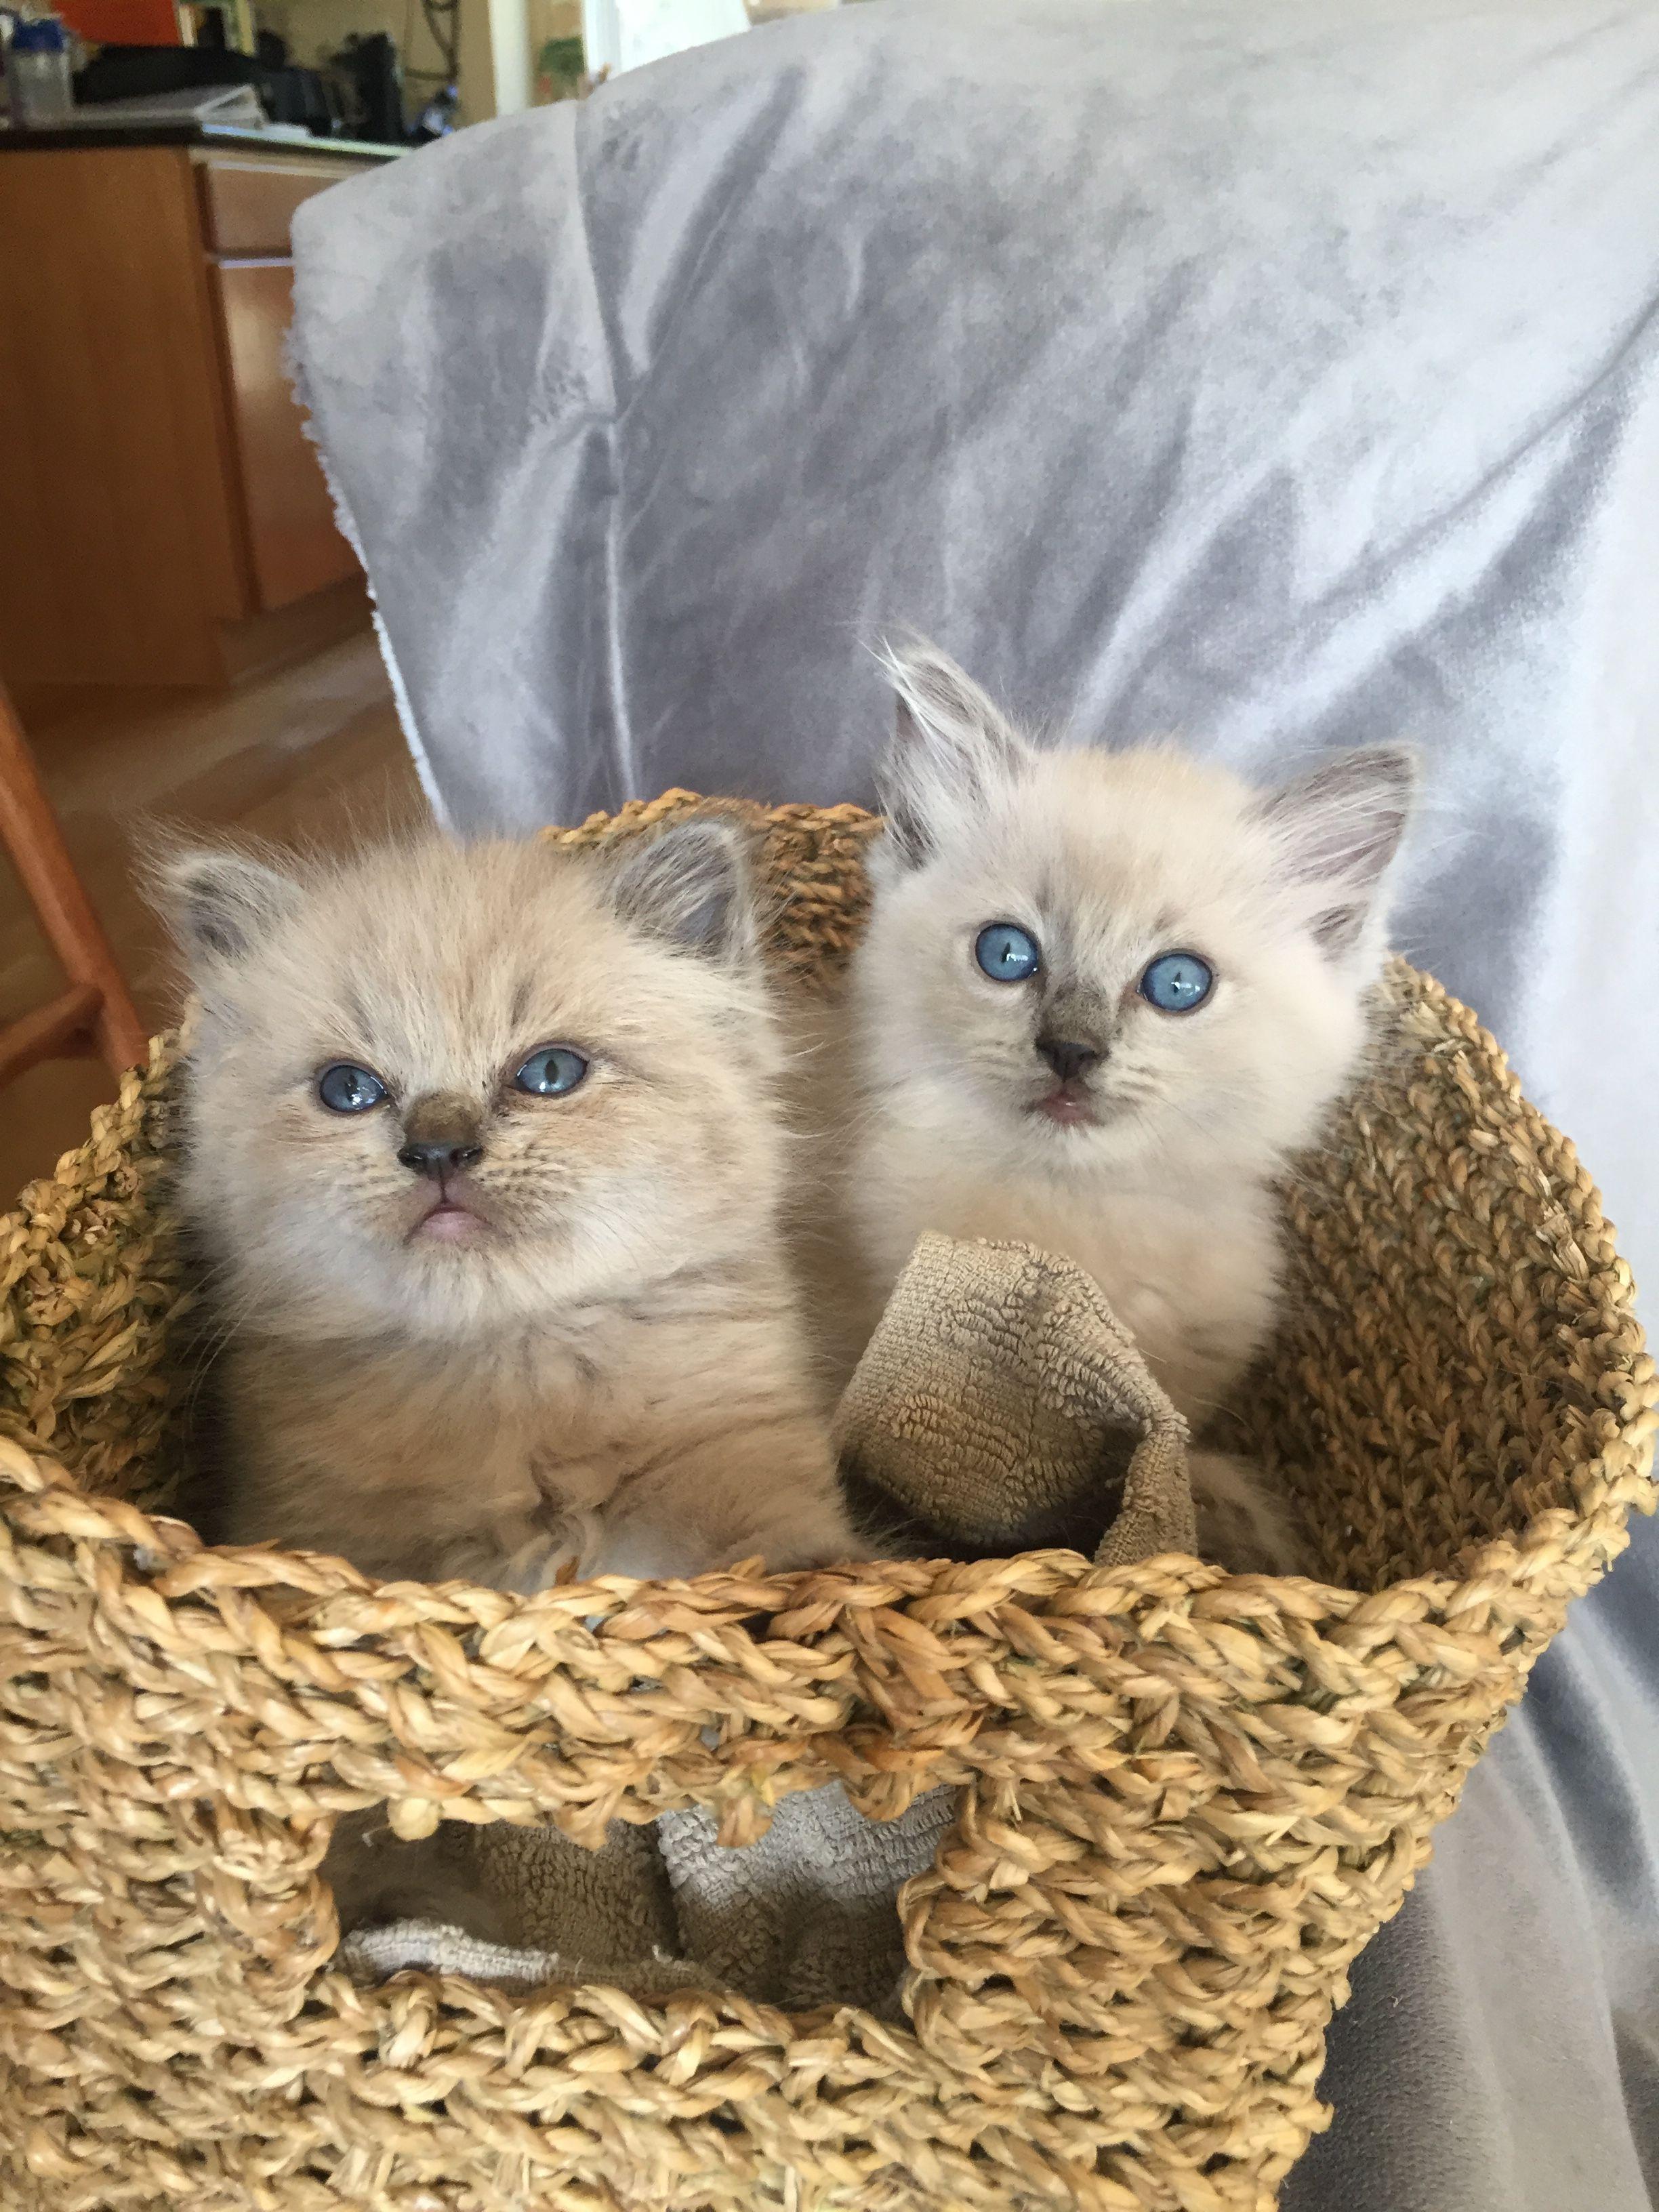 Blue Mink Ragdoll Kittens Www Righteousragdolls Com Ragamuffin Cat Cat Lady Starter Kit Cool Cats